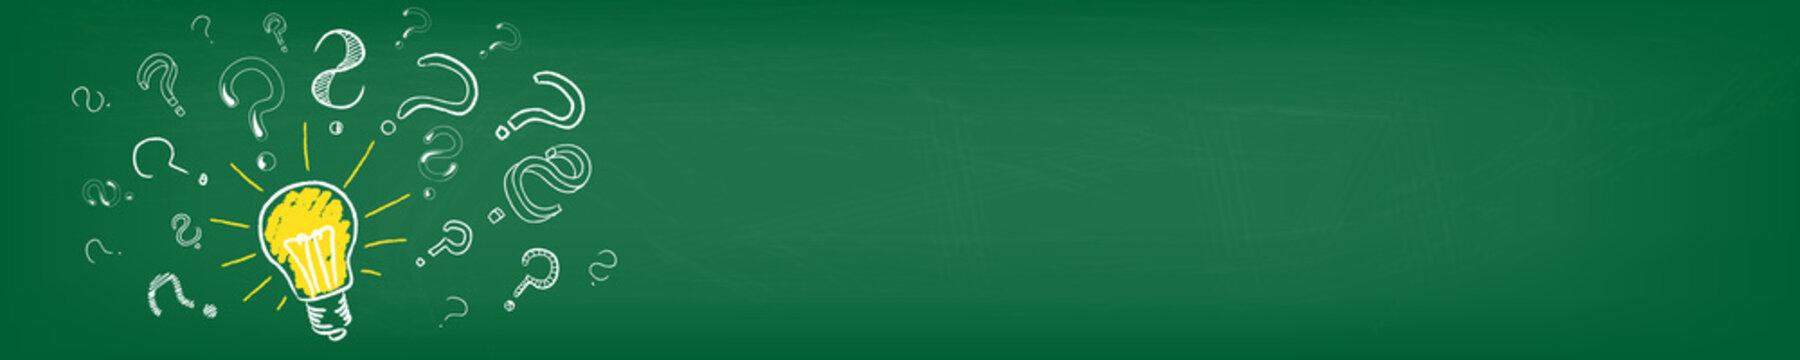 Glühbirne mit Fragezeichen auf grüner Tafel Panorama